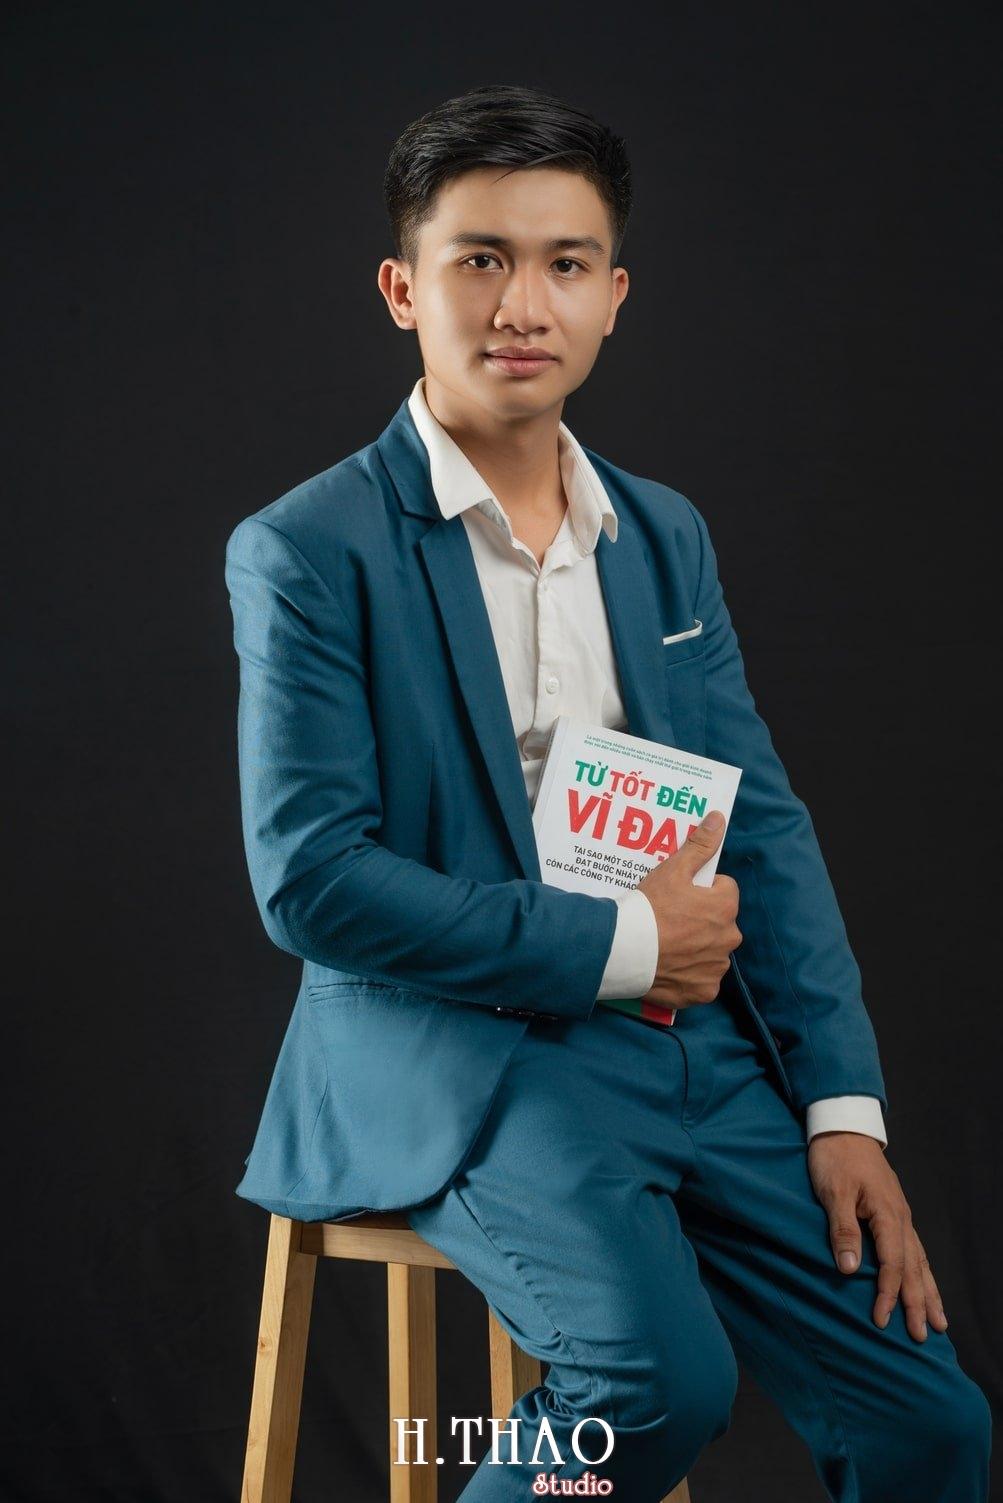 Anh Doanh Nhan 34 - Studio chuyên chụp ảnh profile công ty tại Tp.HCM – HThao Studio